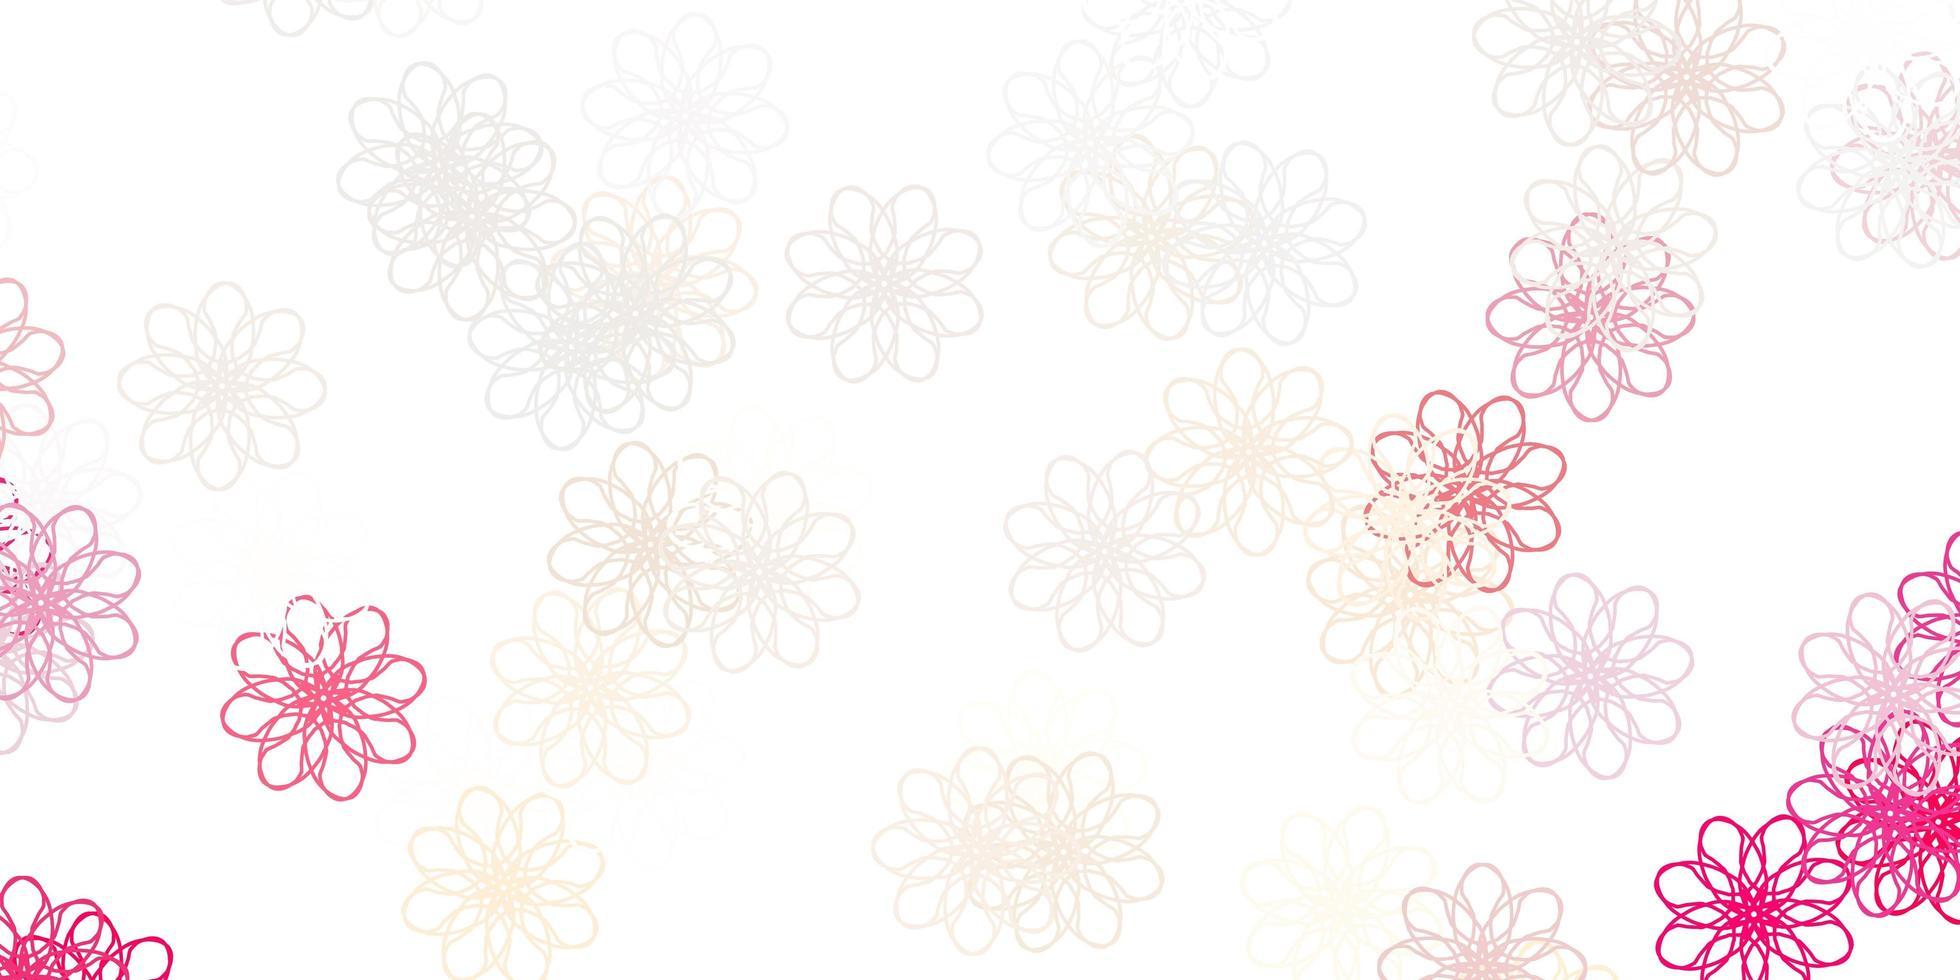 röd naturlig layout med blommor. vektor